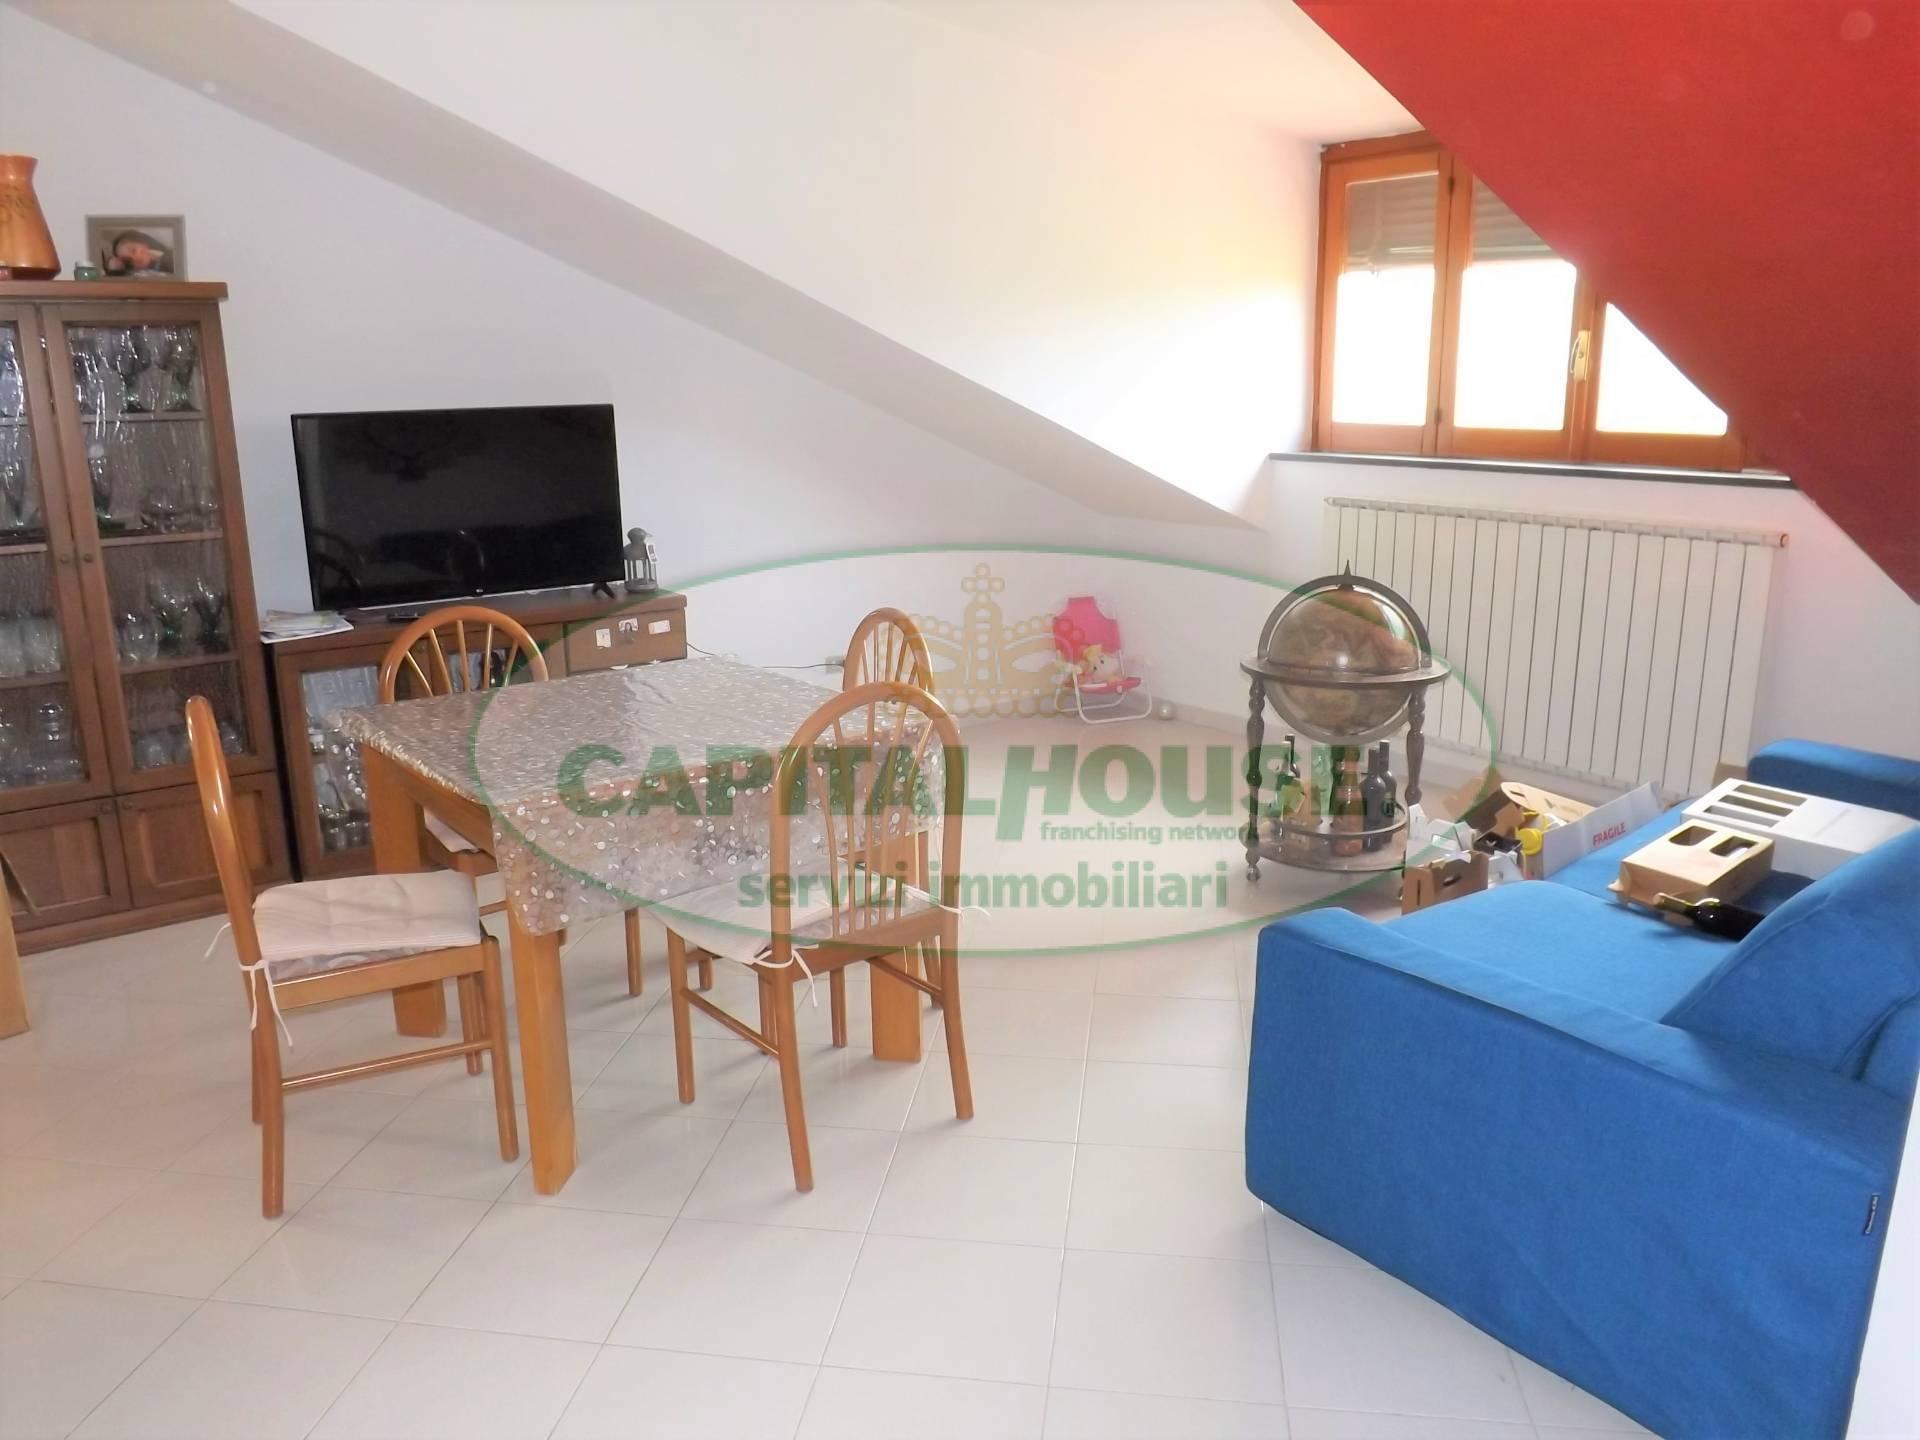 Appartamento in vendita a Santo Stefano del Sole, 3 locali, prezzo € 80.000 | PortaleAgenzieImmobiliari.it